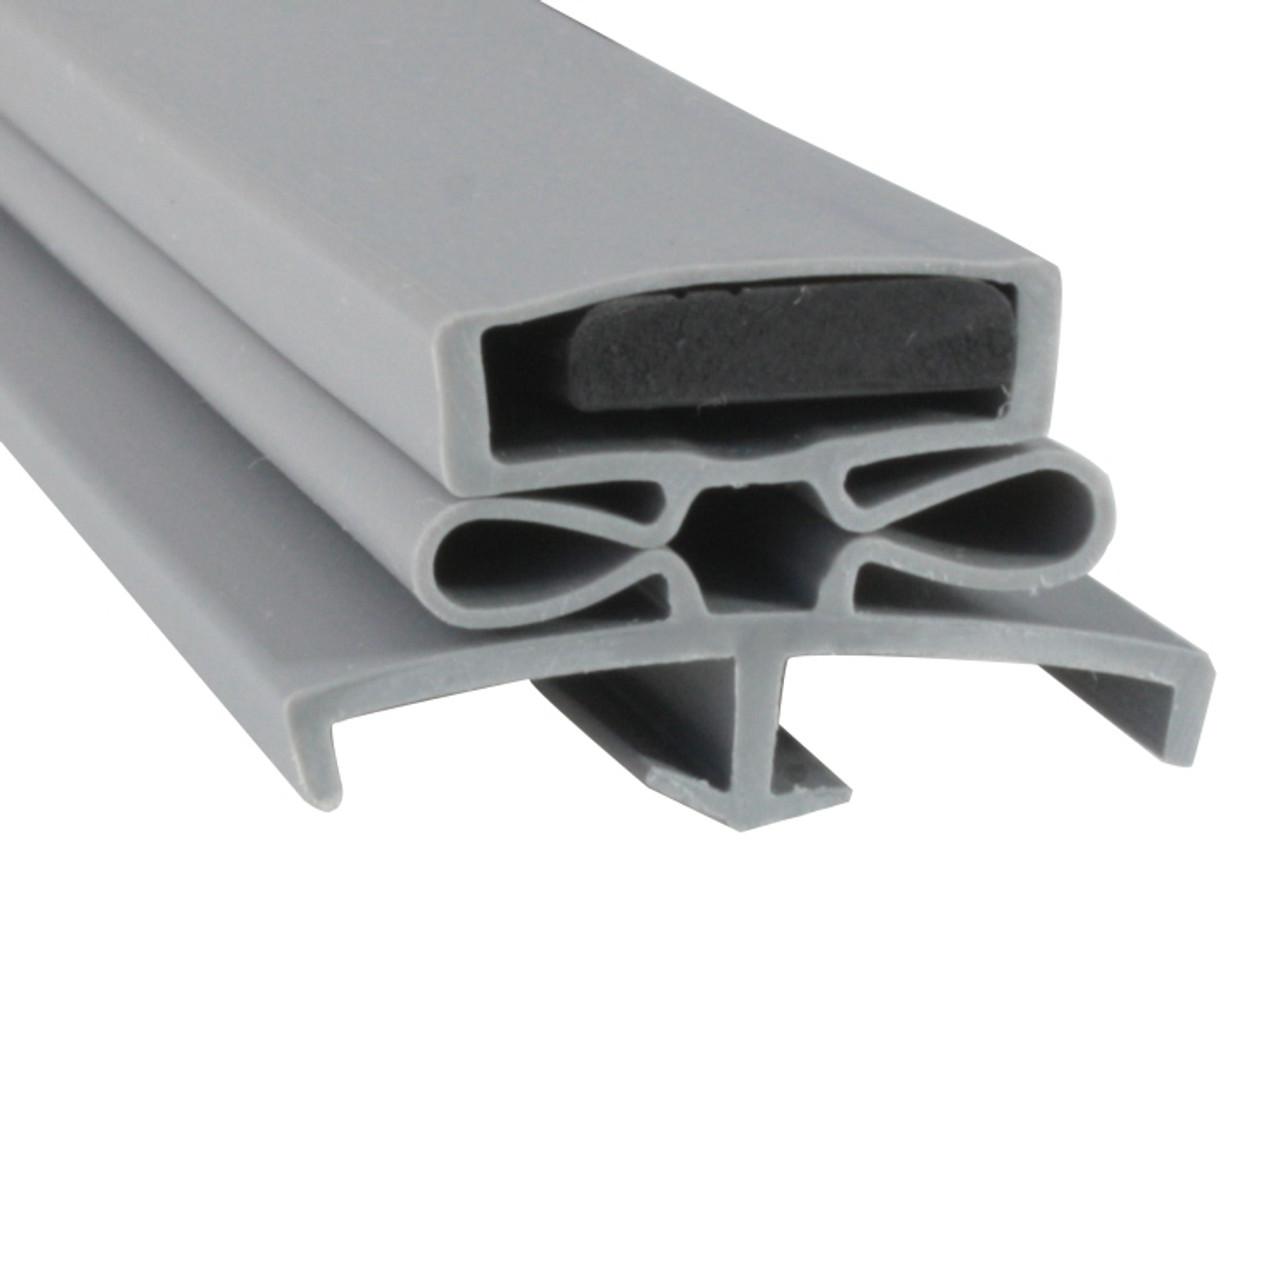 Star-Cooler-and-Freezer-Door-Gasket-Style-9527-24-5-8-x-26-3-4